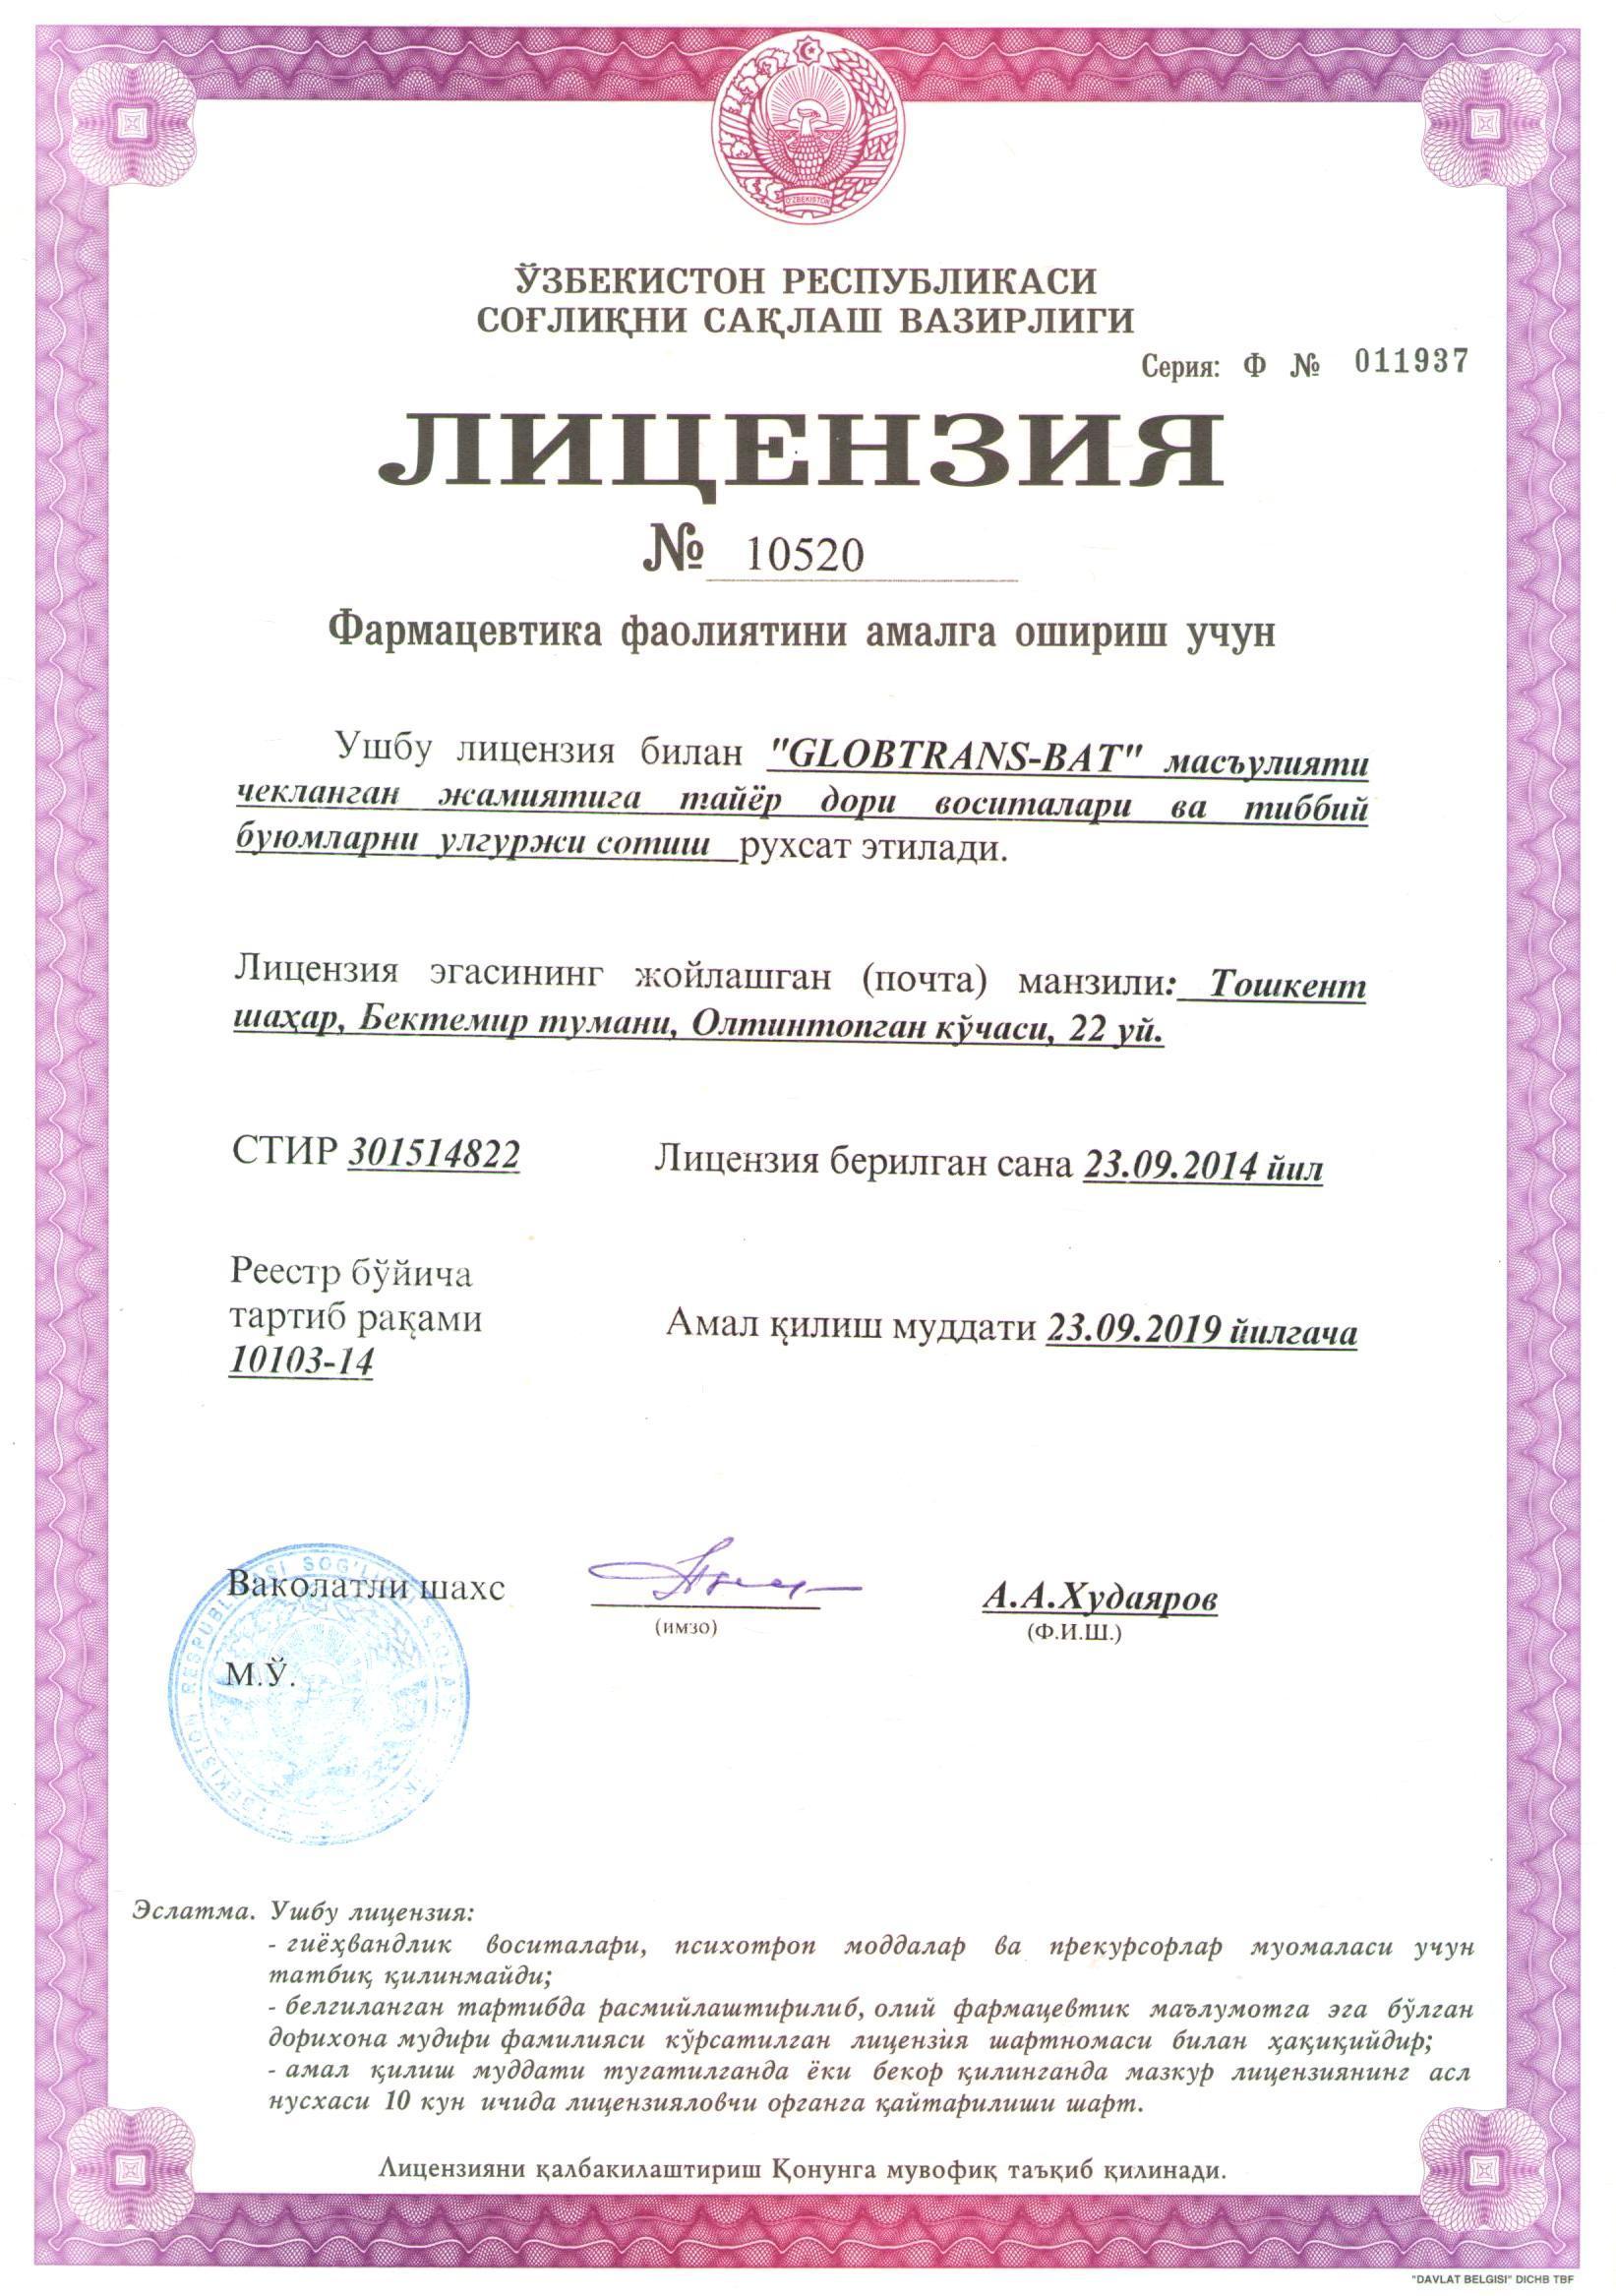 Аптекани улгуржи Лицензияси от 23.09.2014